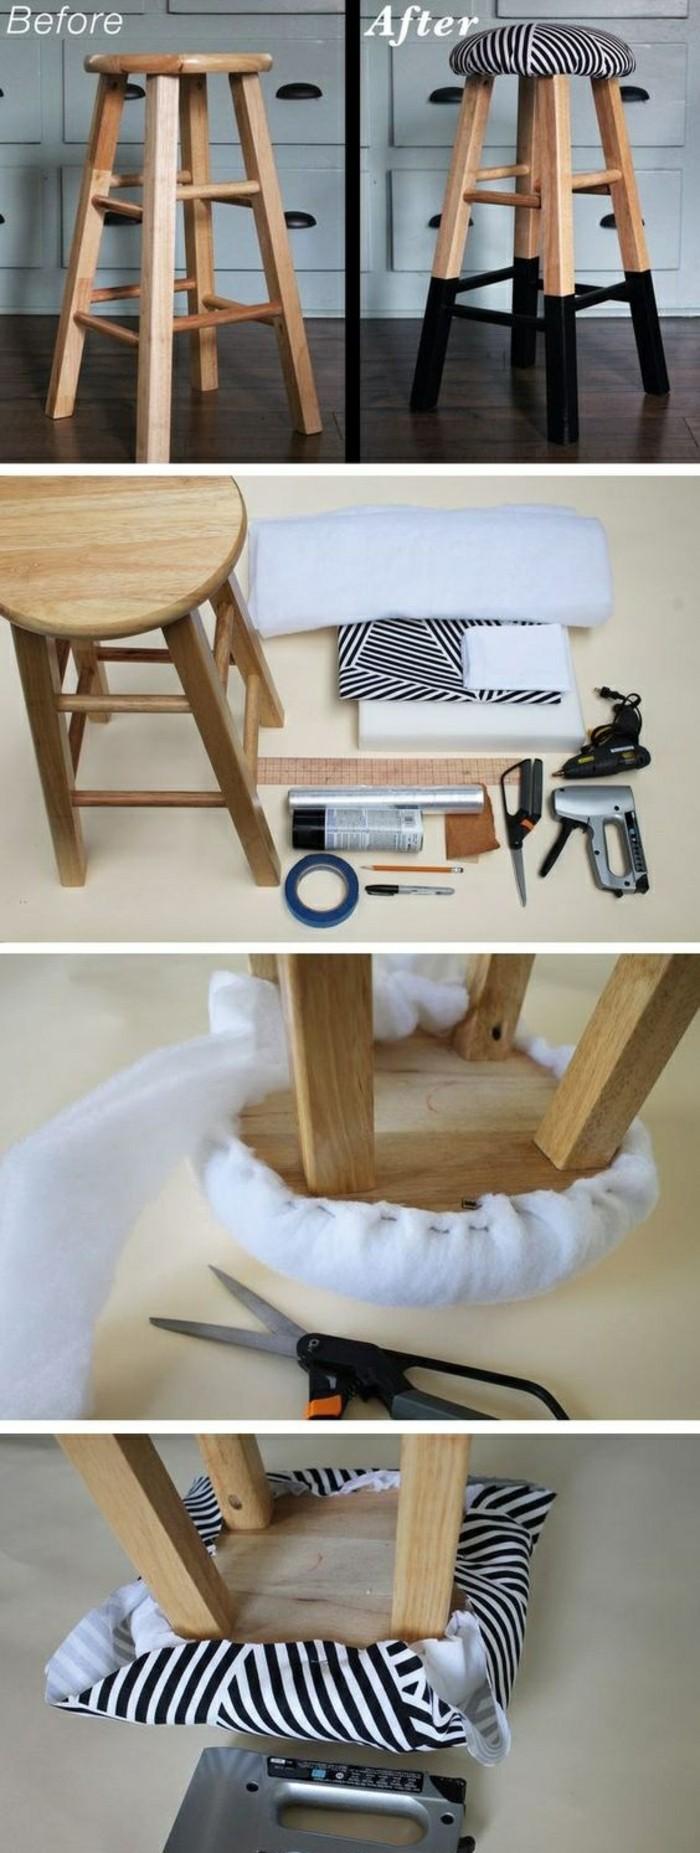 möbel-restaurieren-hocker-tapezieren-und-bemalen-diy-ideen-stoff-schere